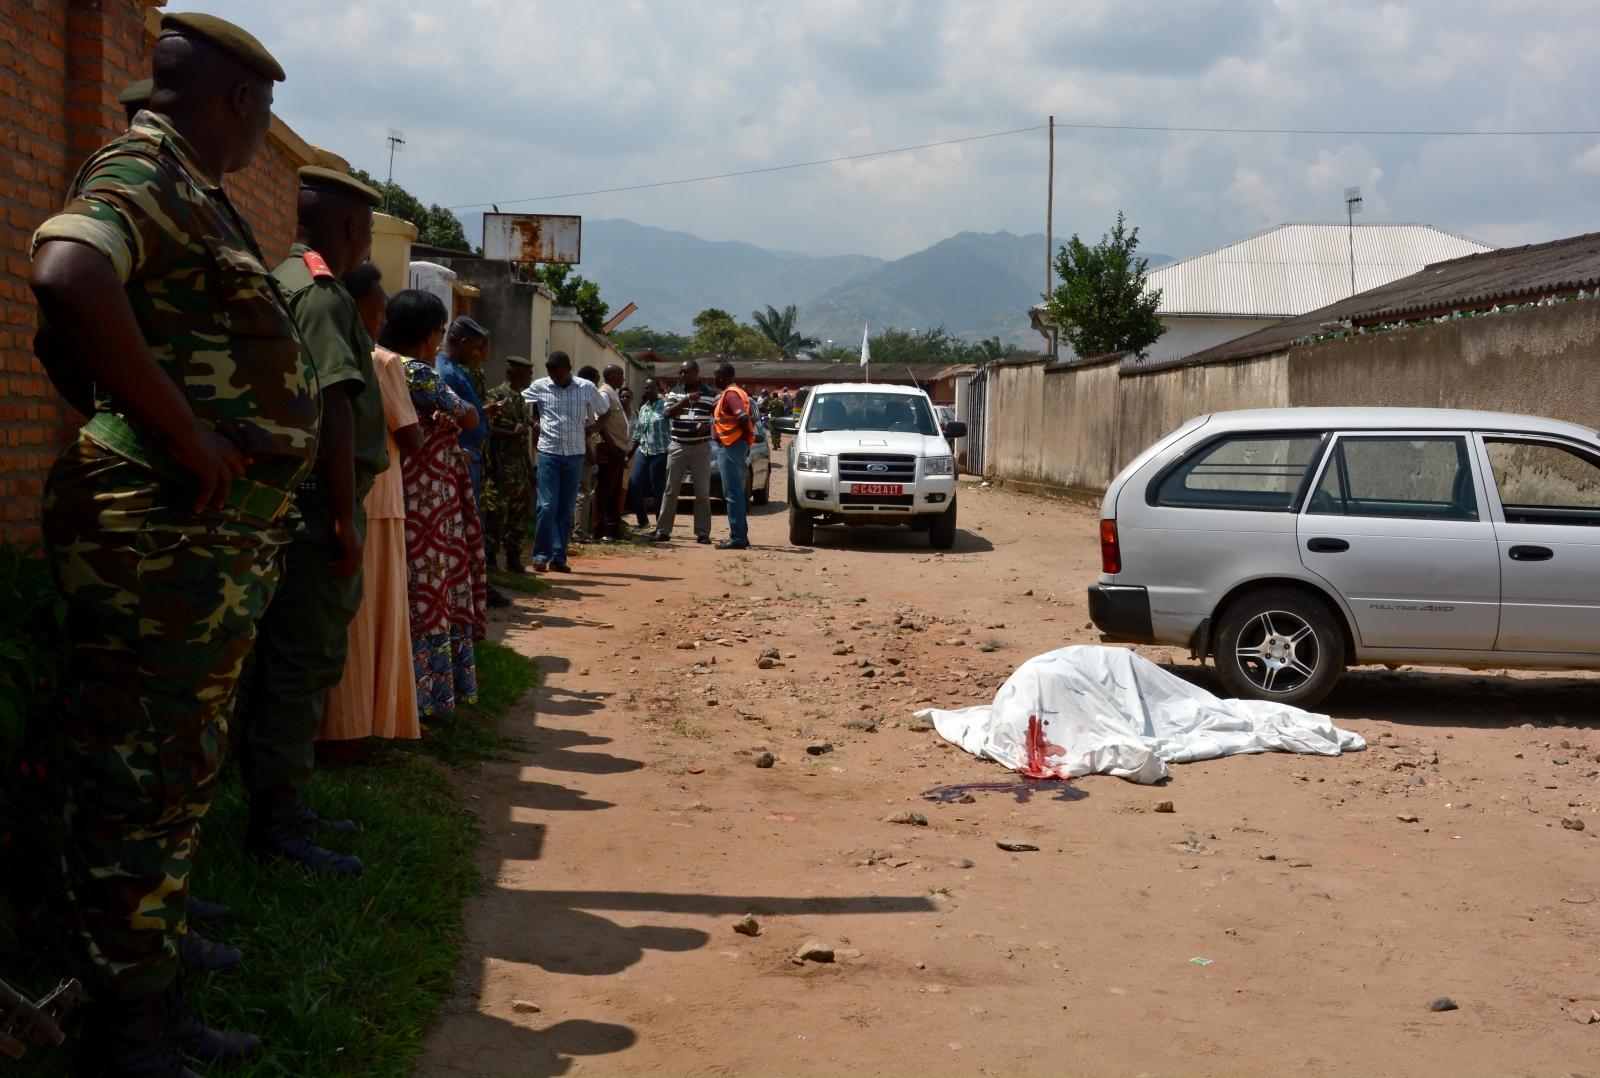 Deadly violence in Burundi